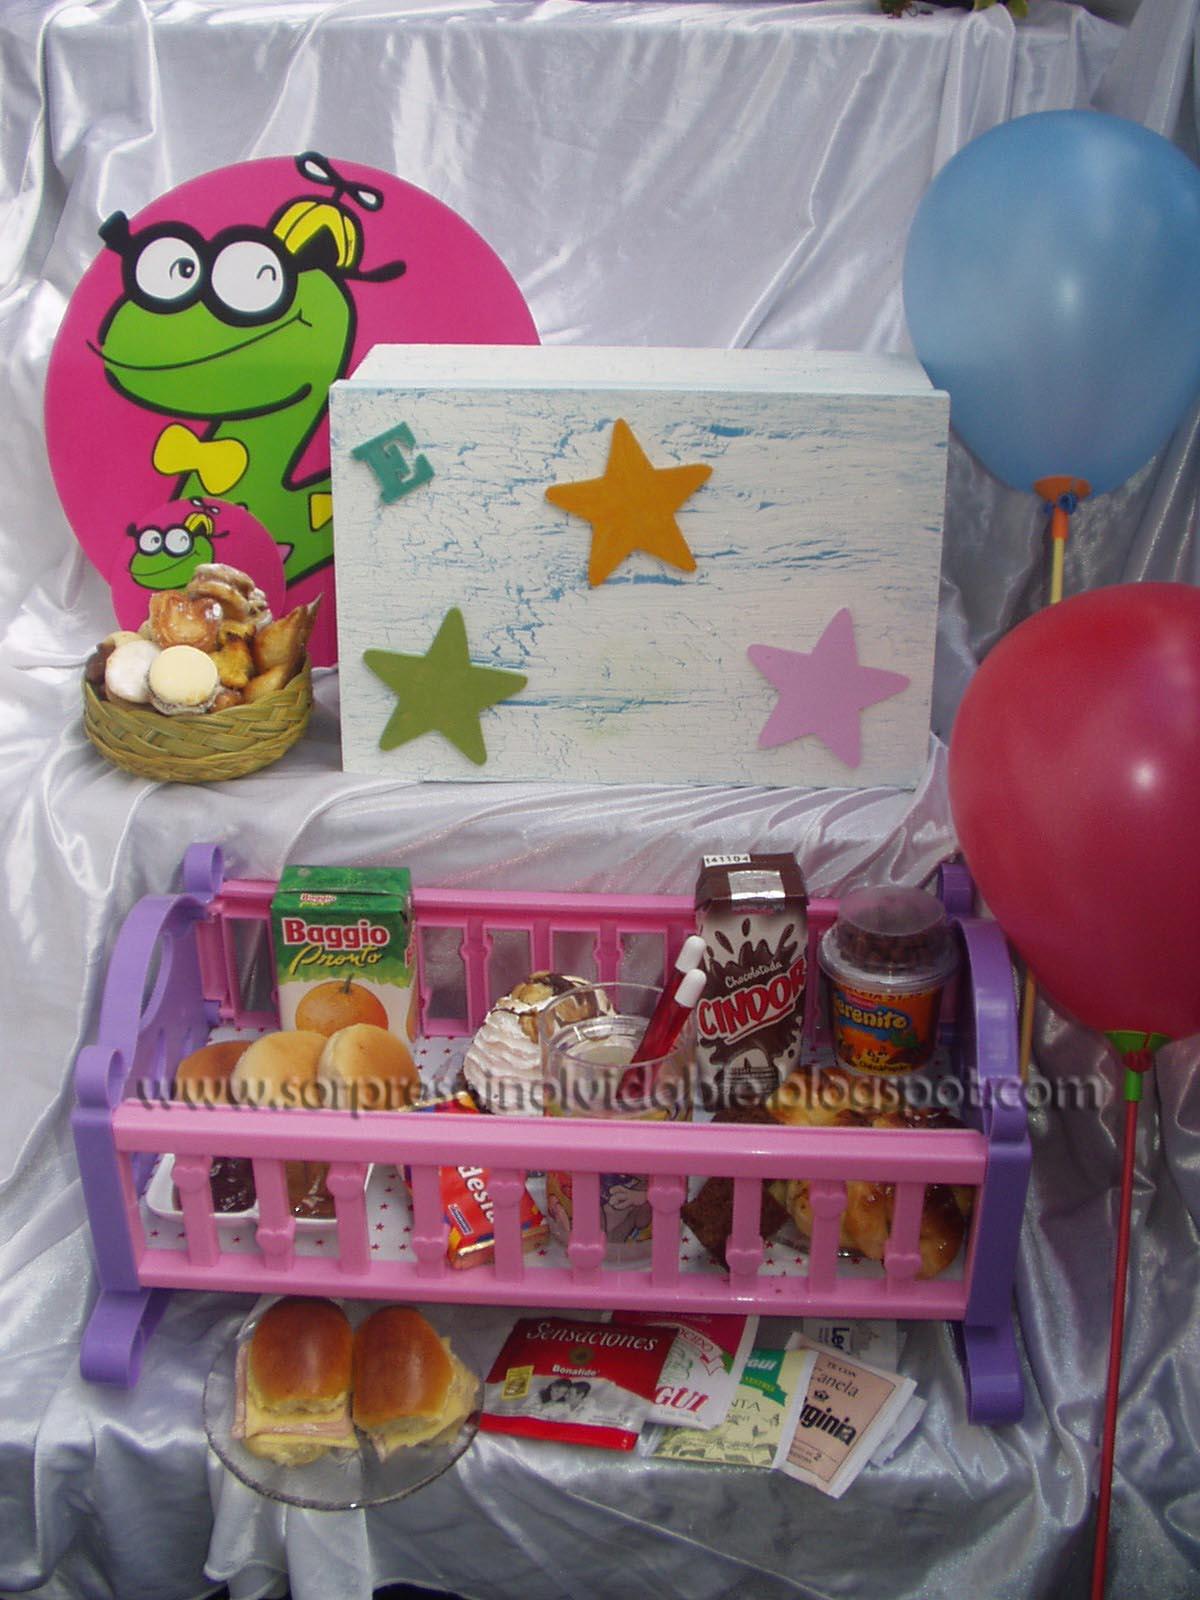 Desayuno con sorpresa cake ideas and designs - Desayuno sorpresa madrid ...